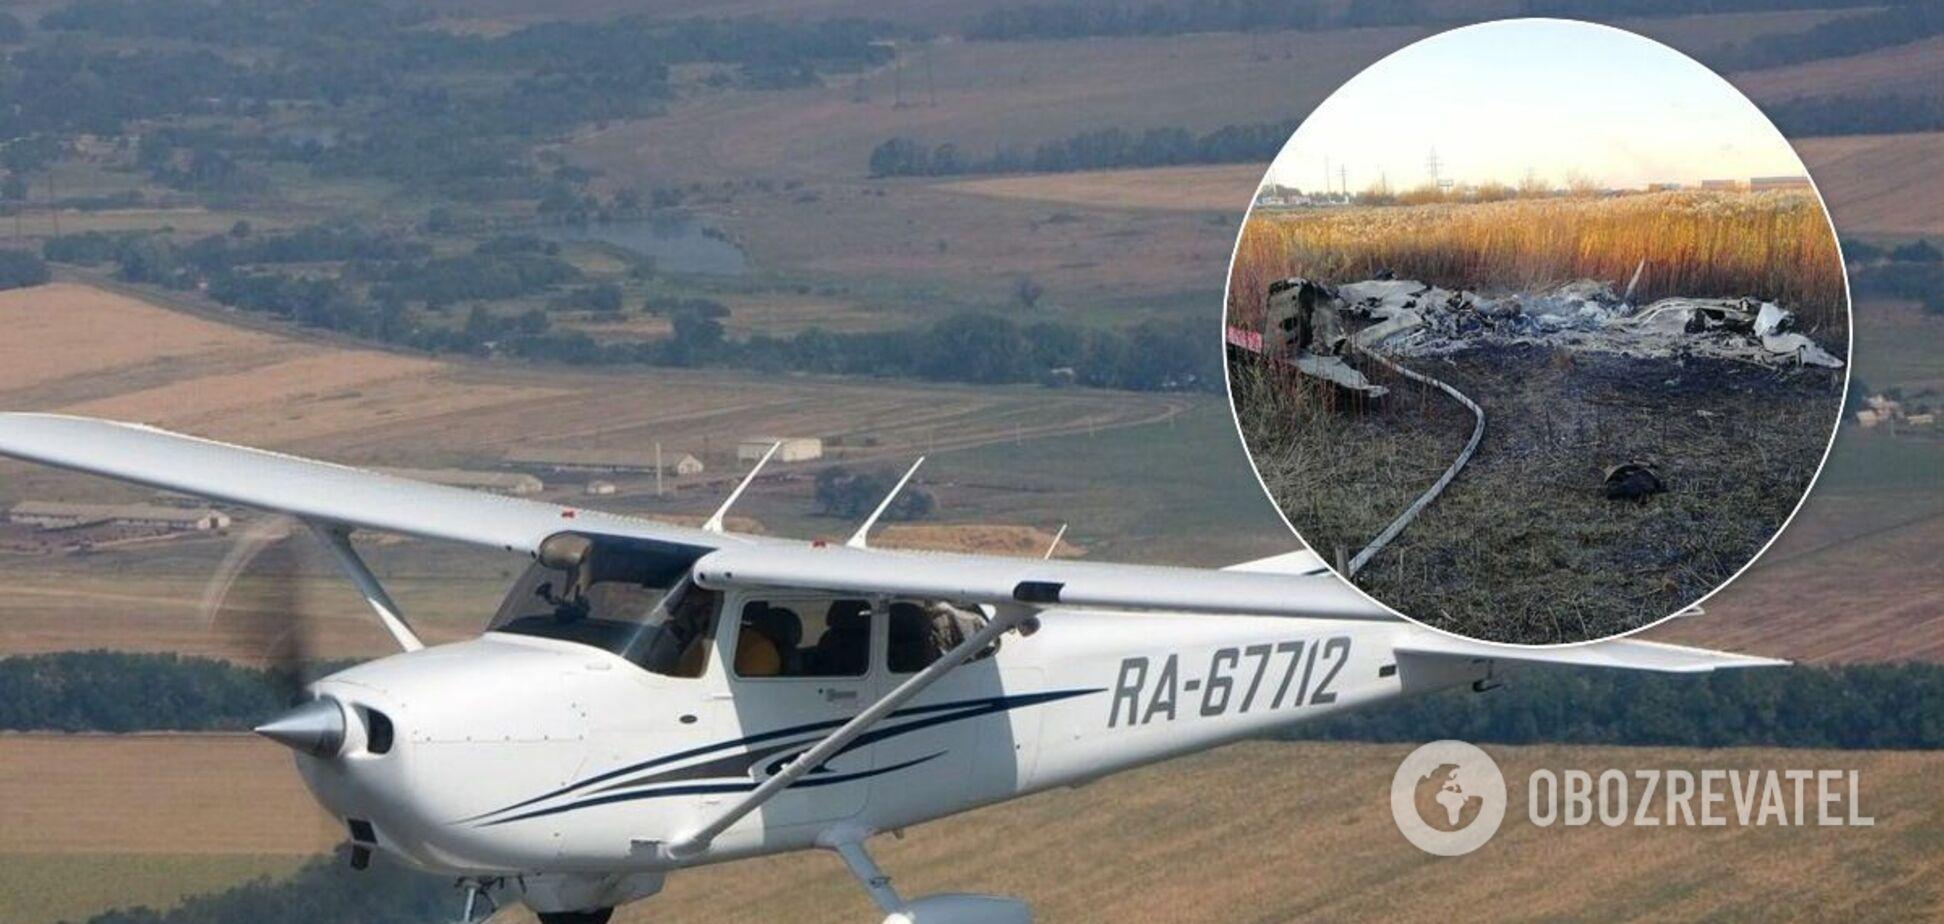 В России разбился легкомоторный самолет, есть погибшие. Видео